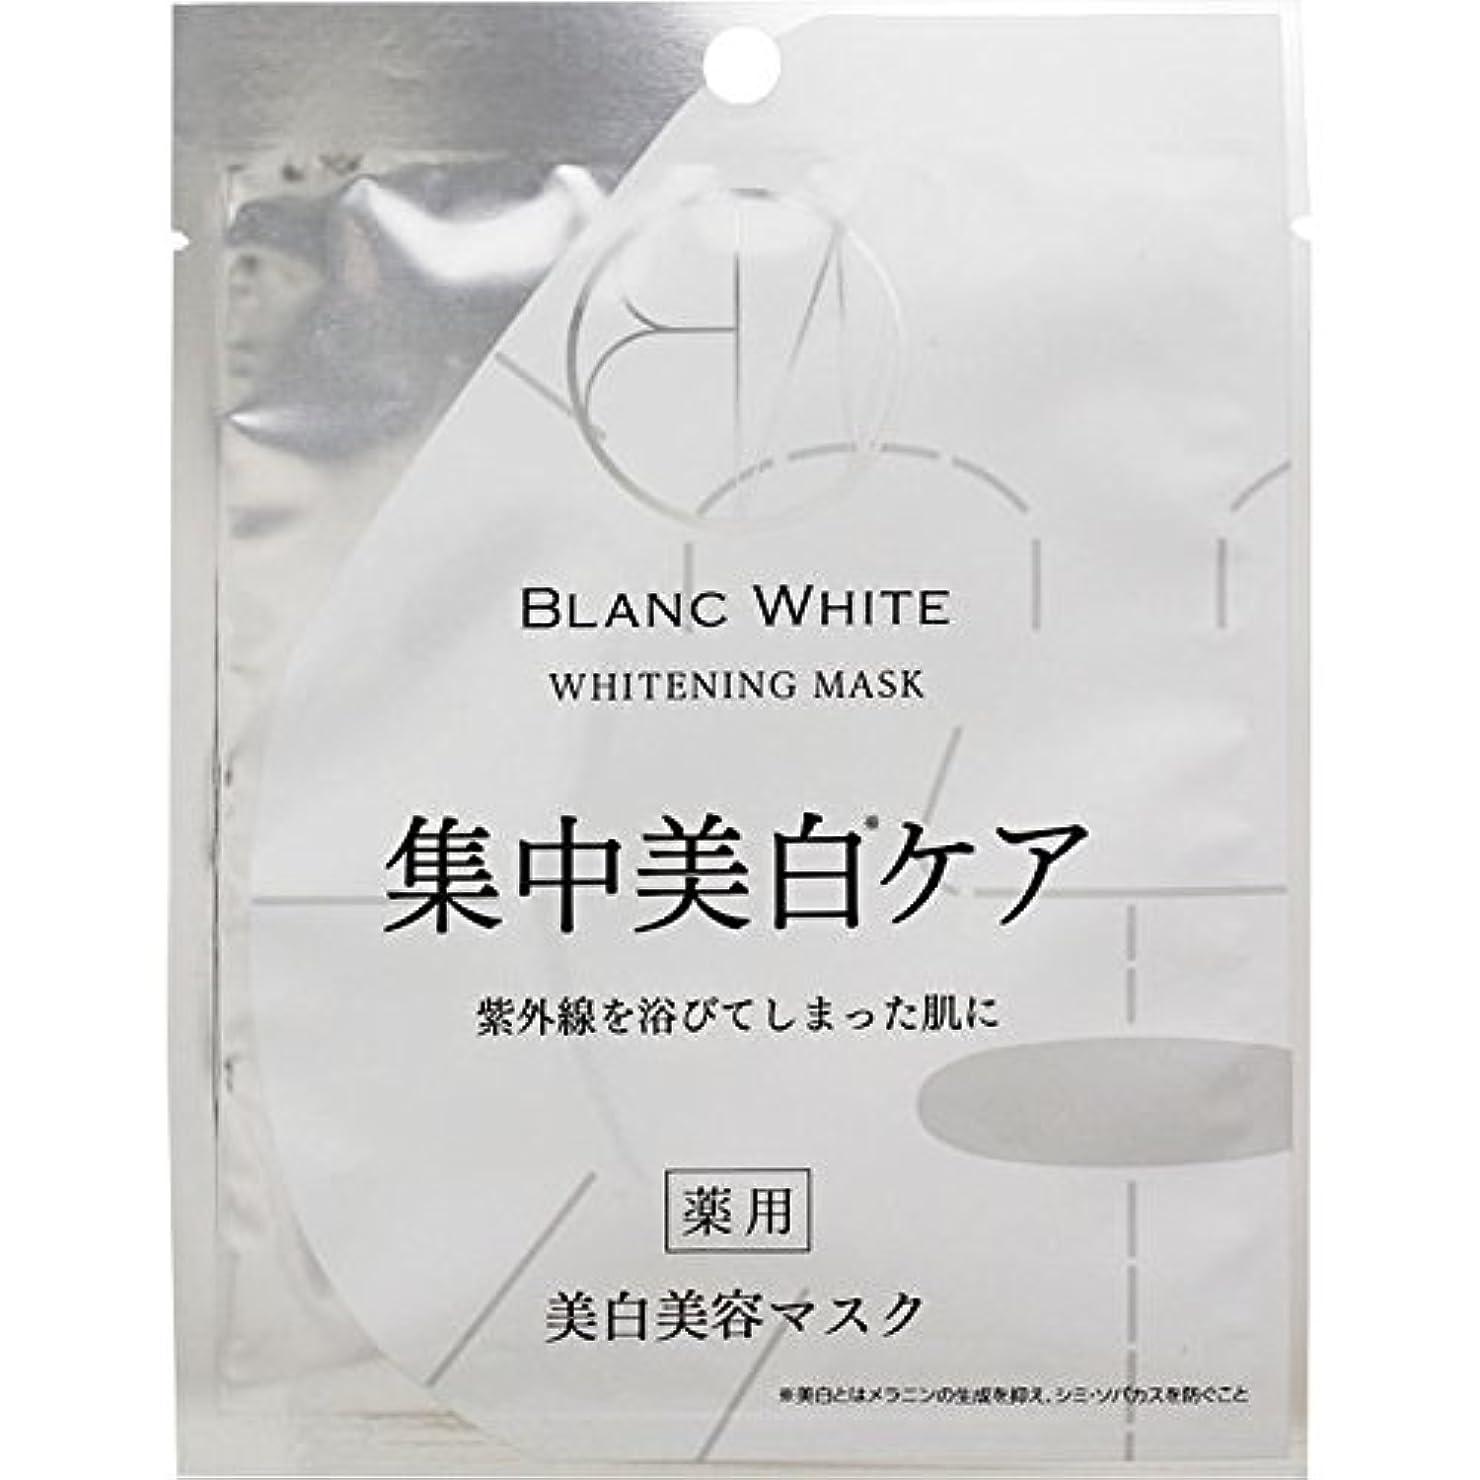 ラグ刺繍応じるブランホワイト ホワイトニングマスク 1枚【21ml】 (医薬部外品)